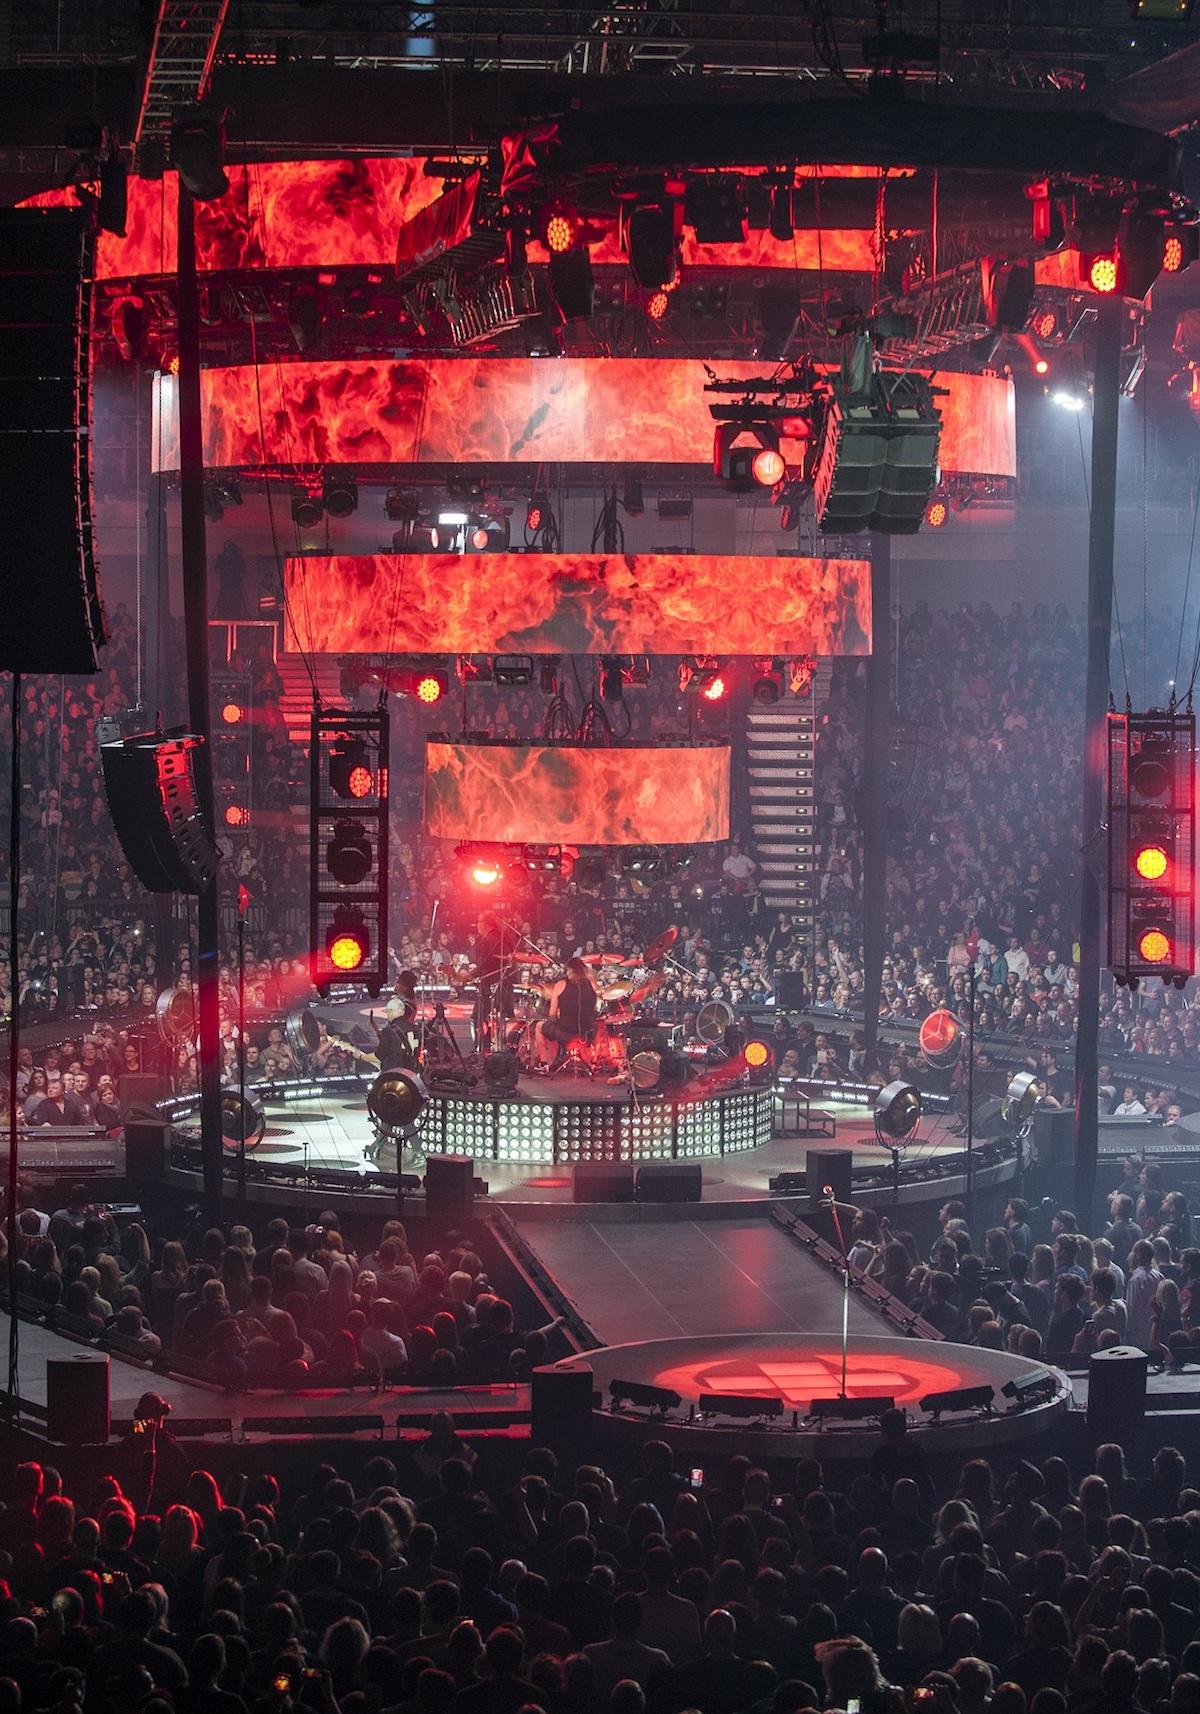 Kabát hrál na centrálním pódiu uprostřed haly